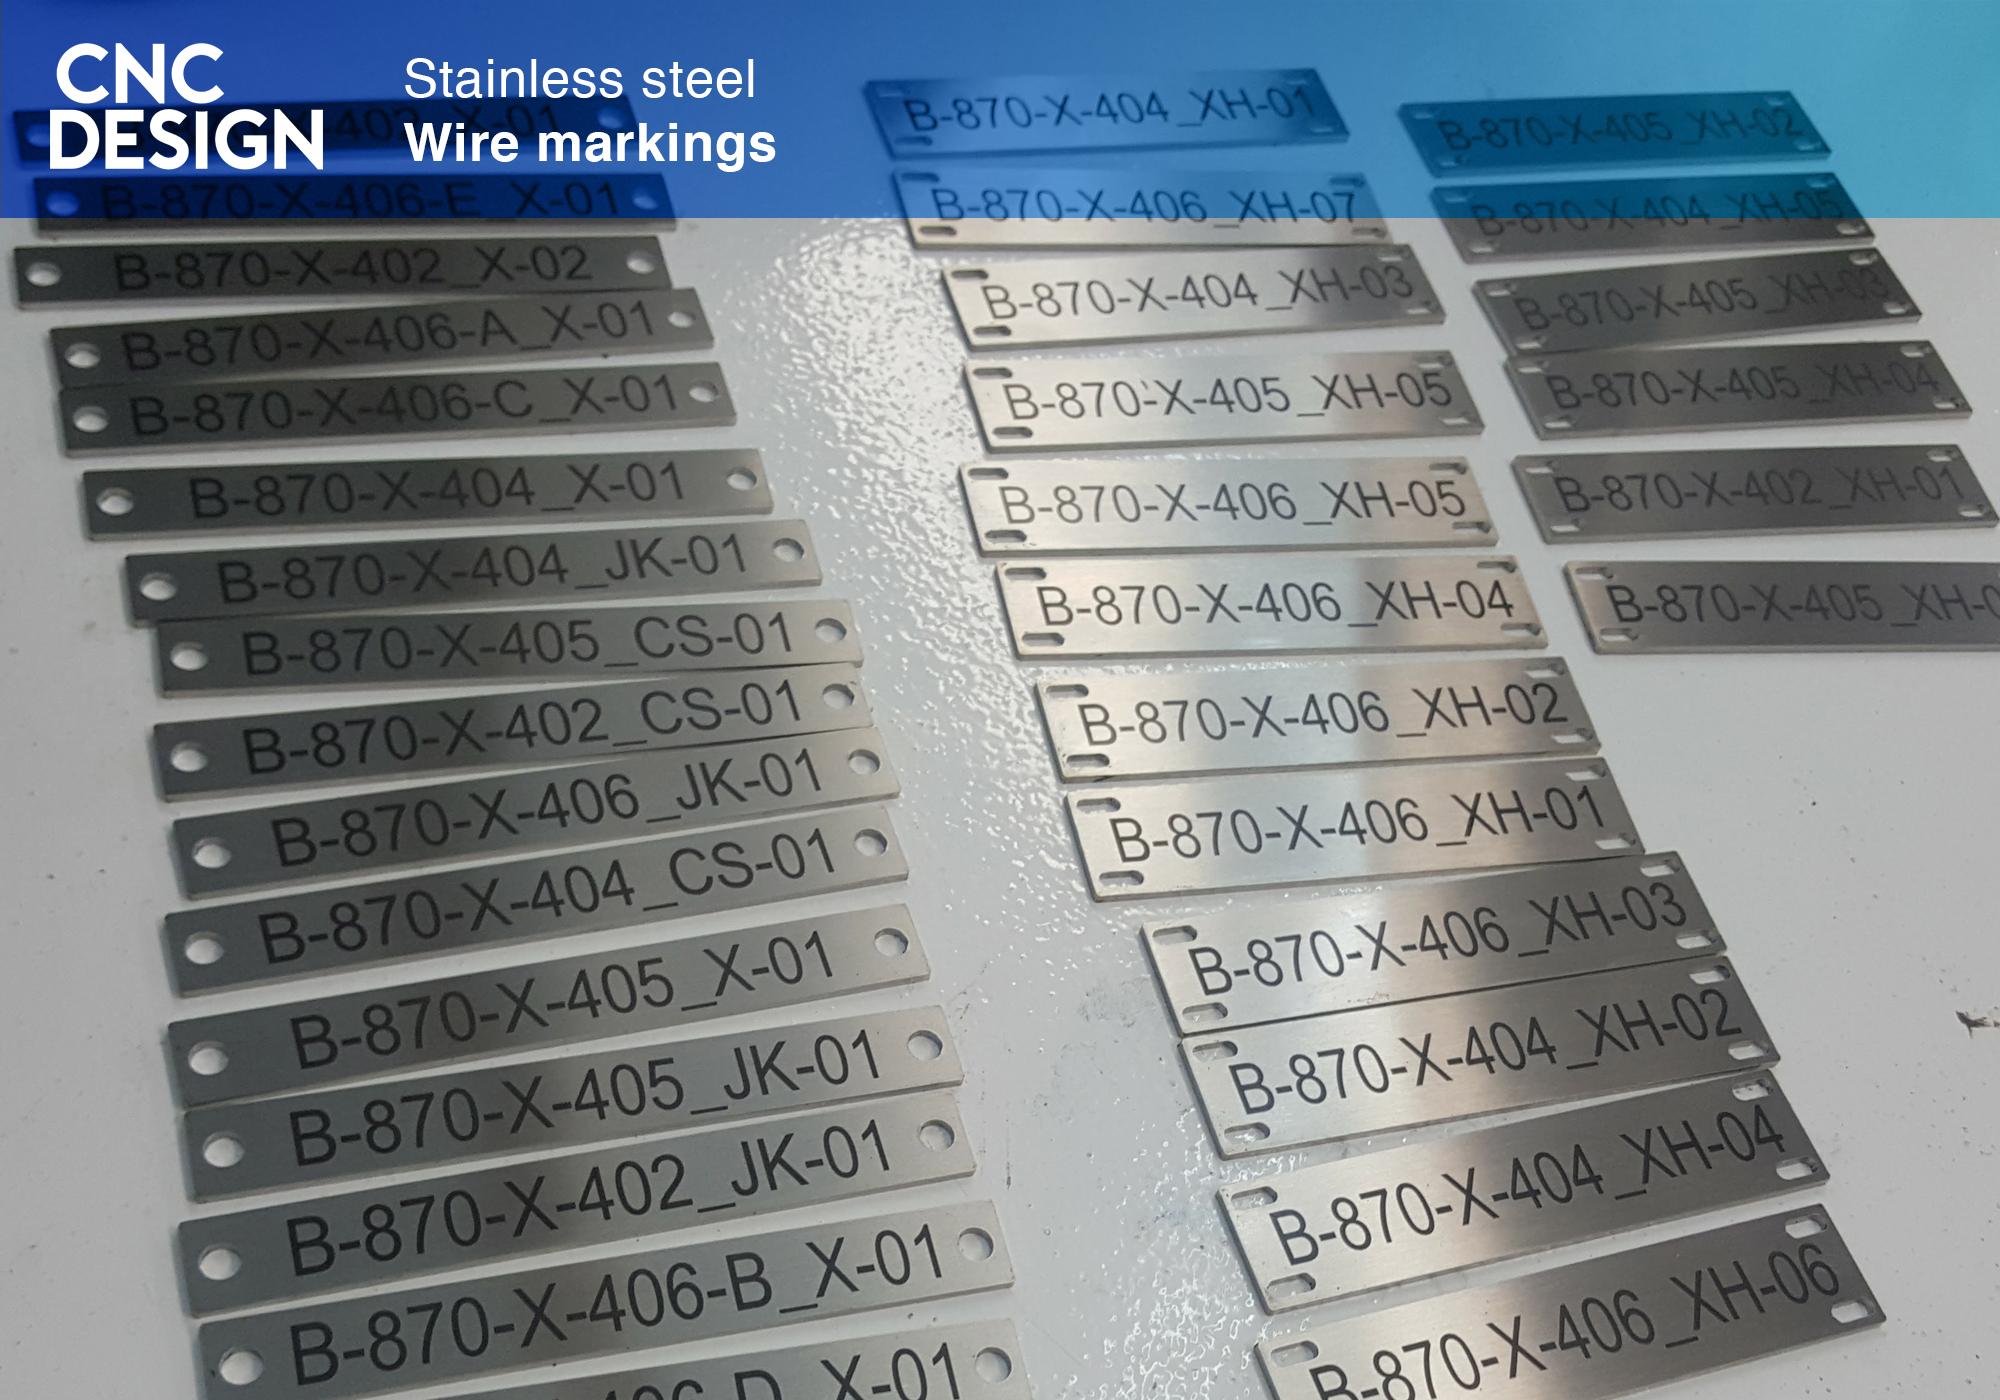 wiremarkings.jpg